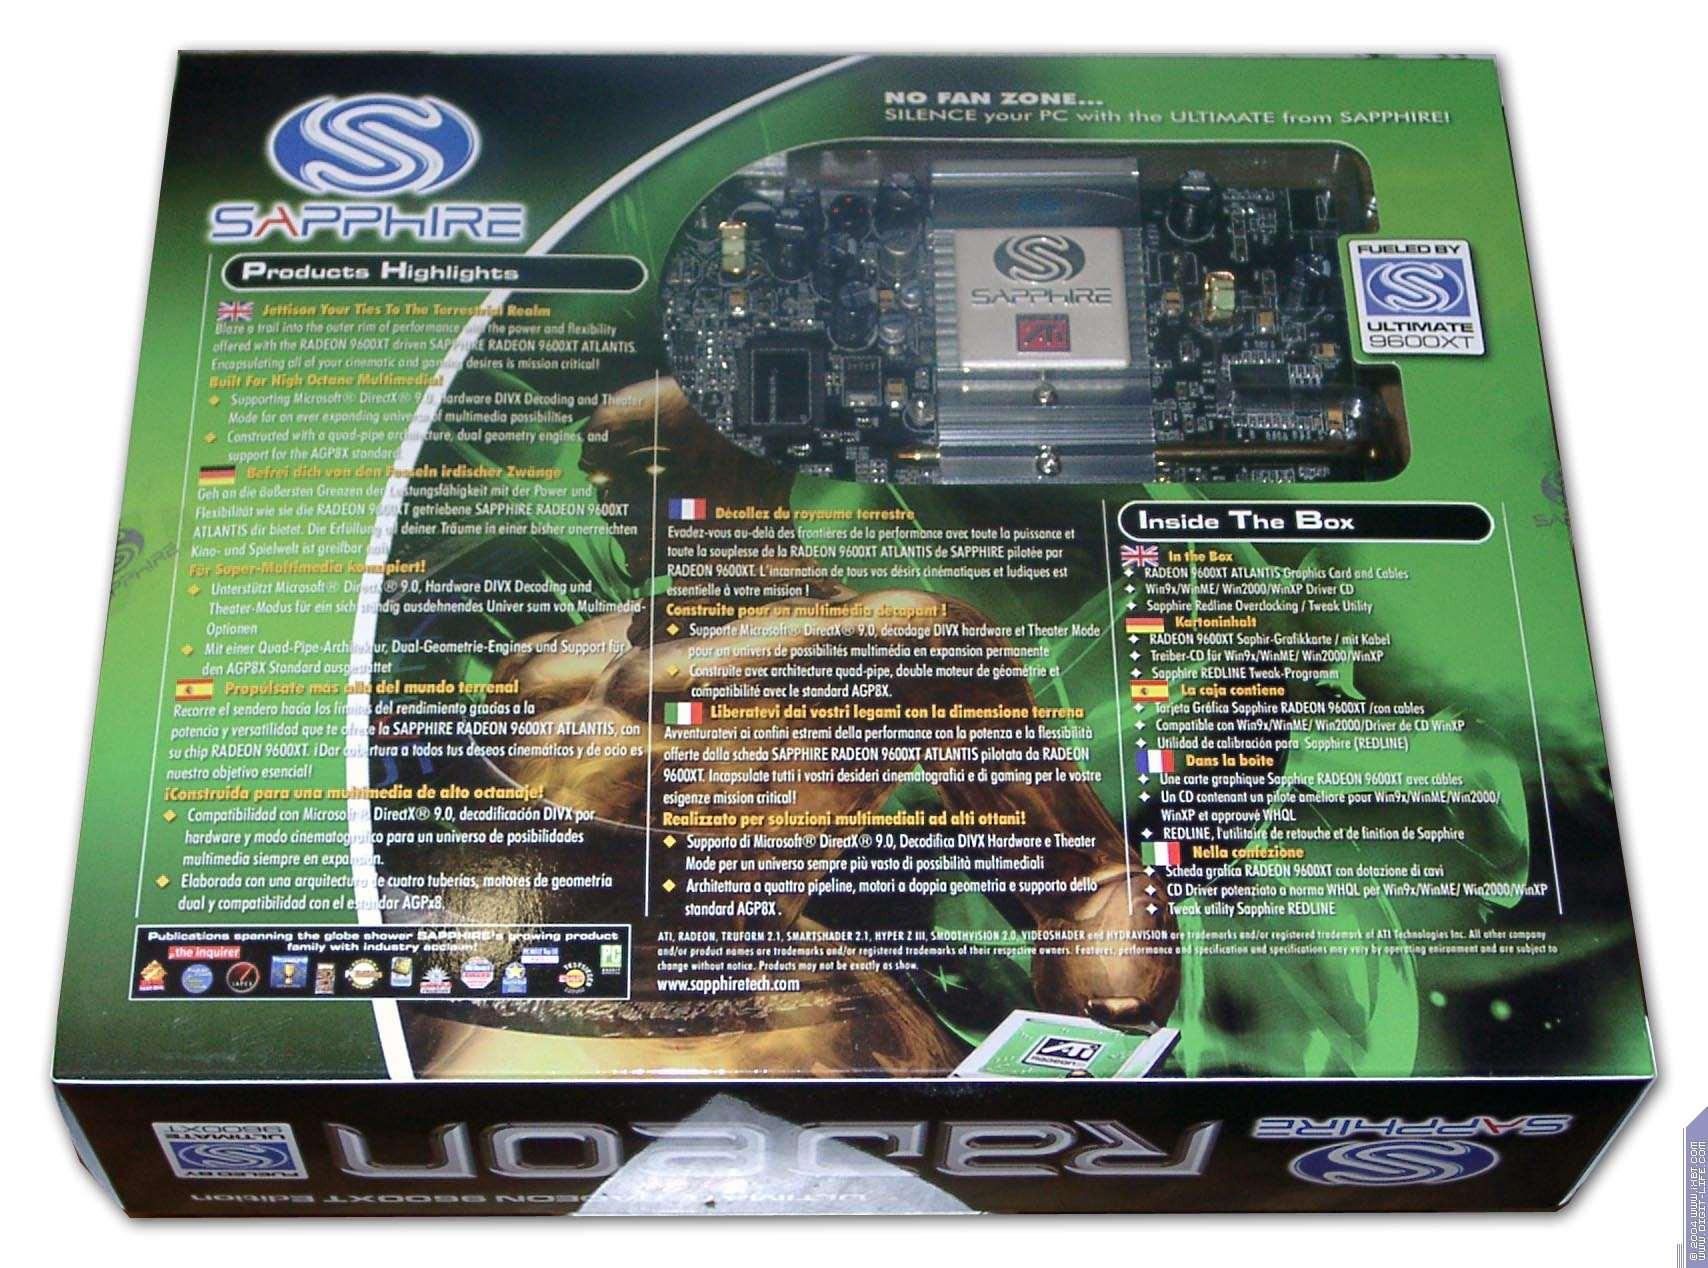 RADEON 9600XT FAMILY TREIBER WINDOWS XP